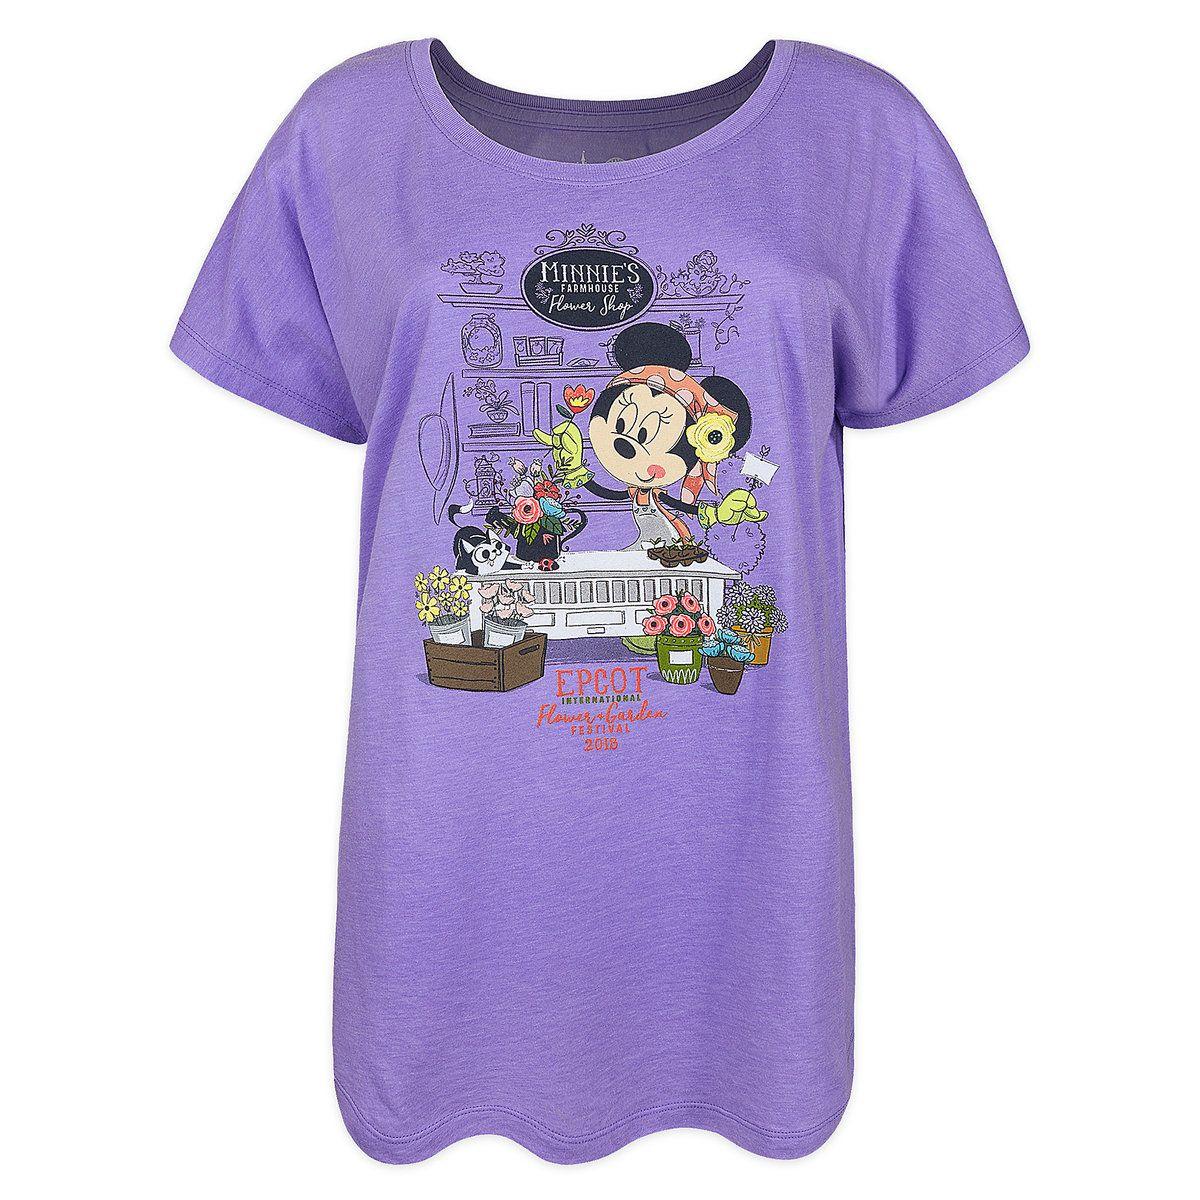 minnie mouse t-shirt for women - epcot international flower & garden